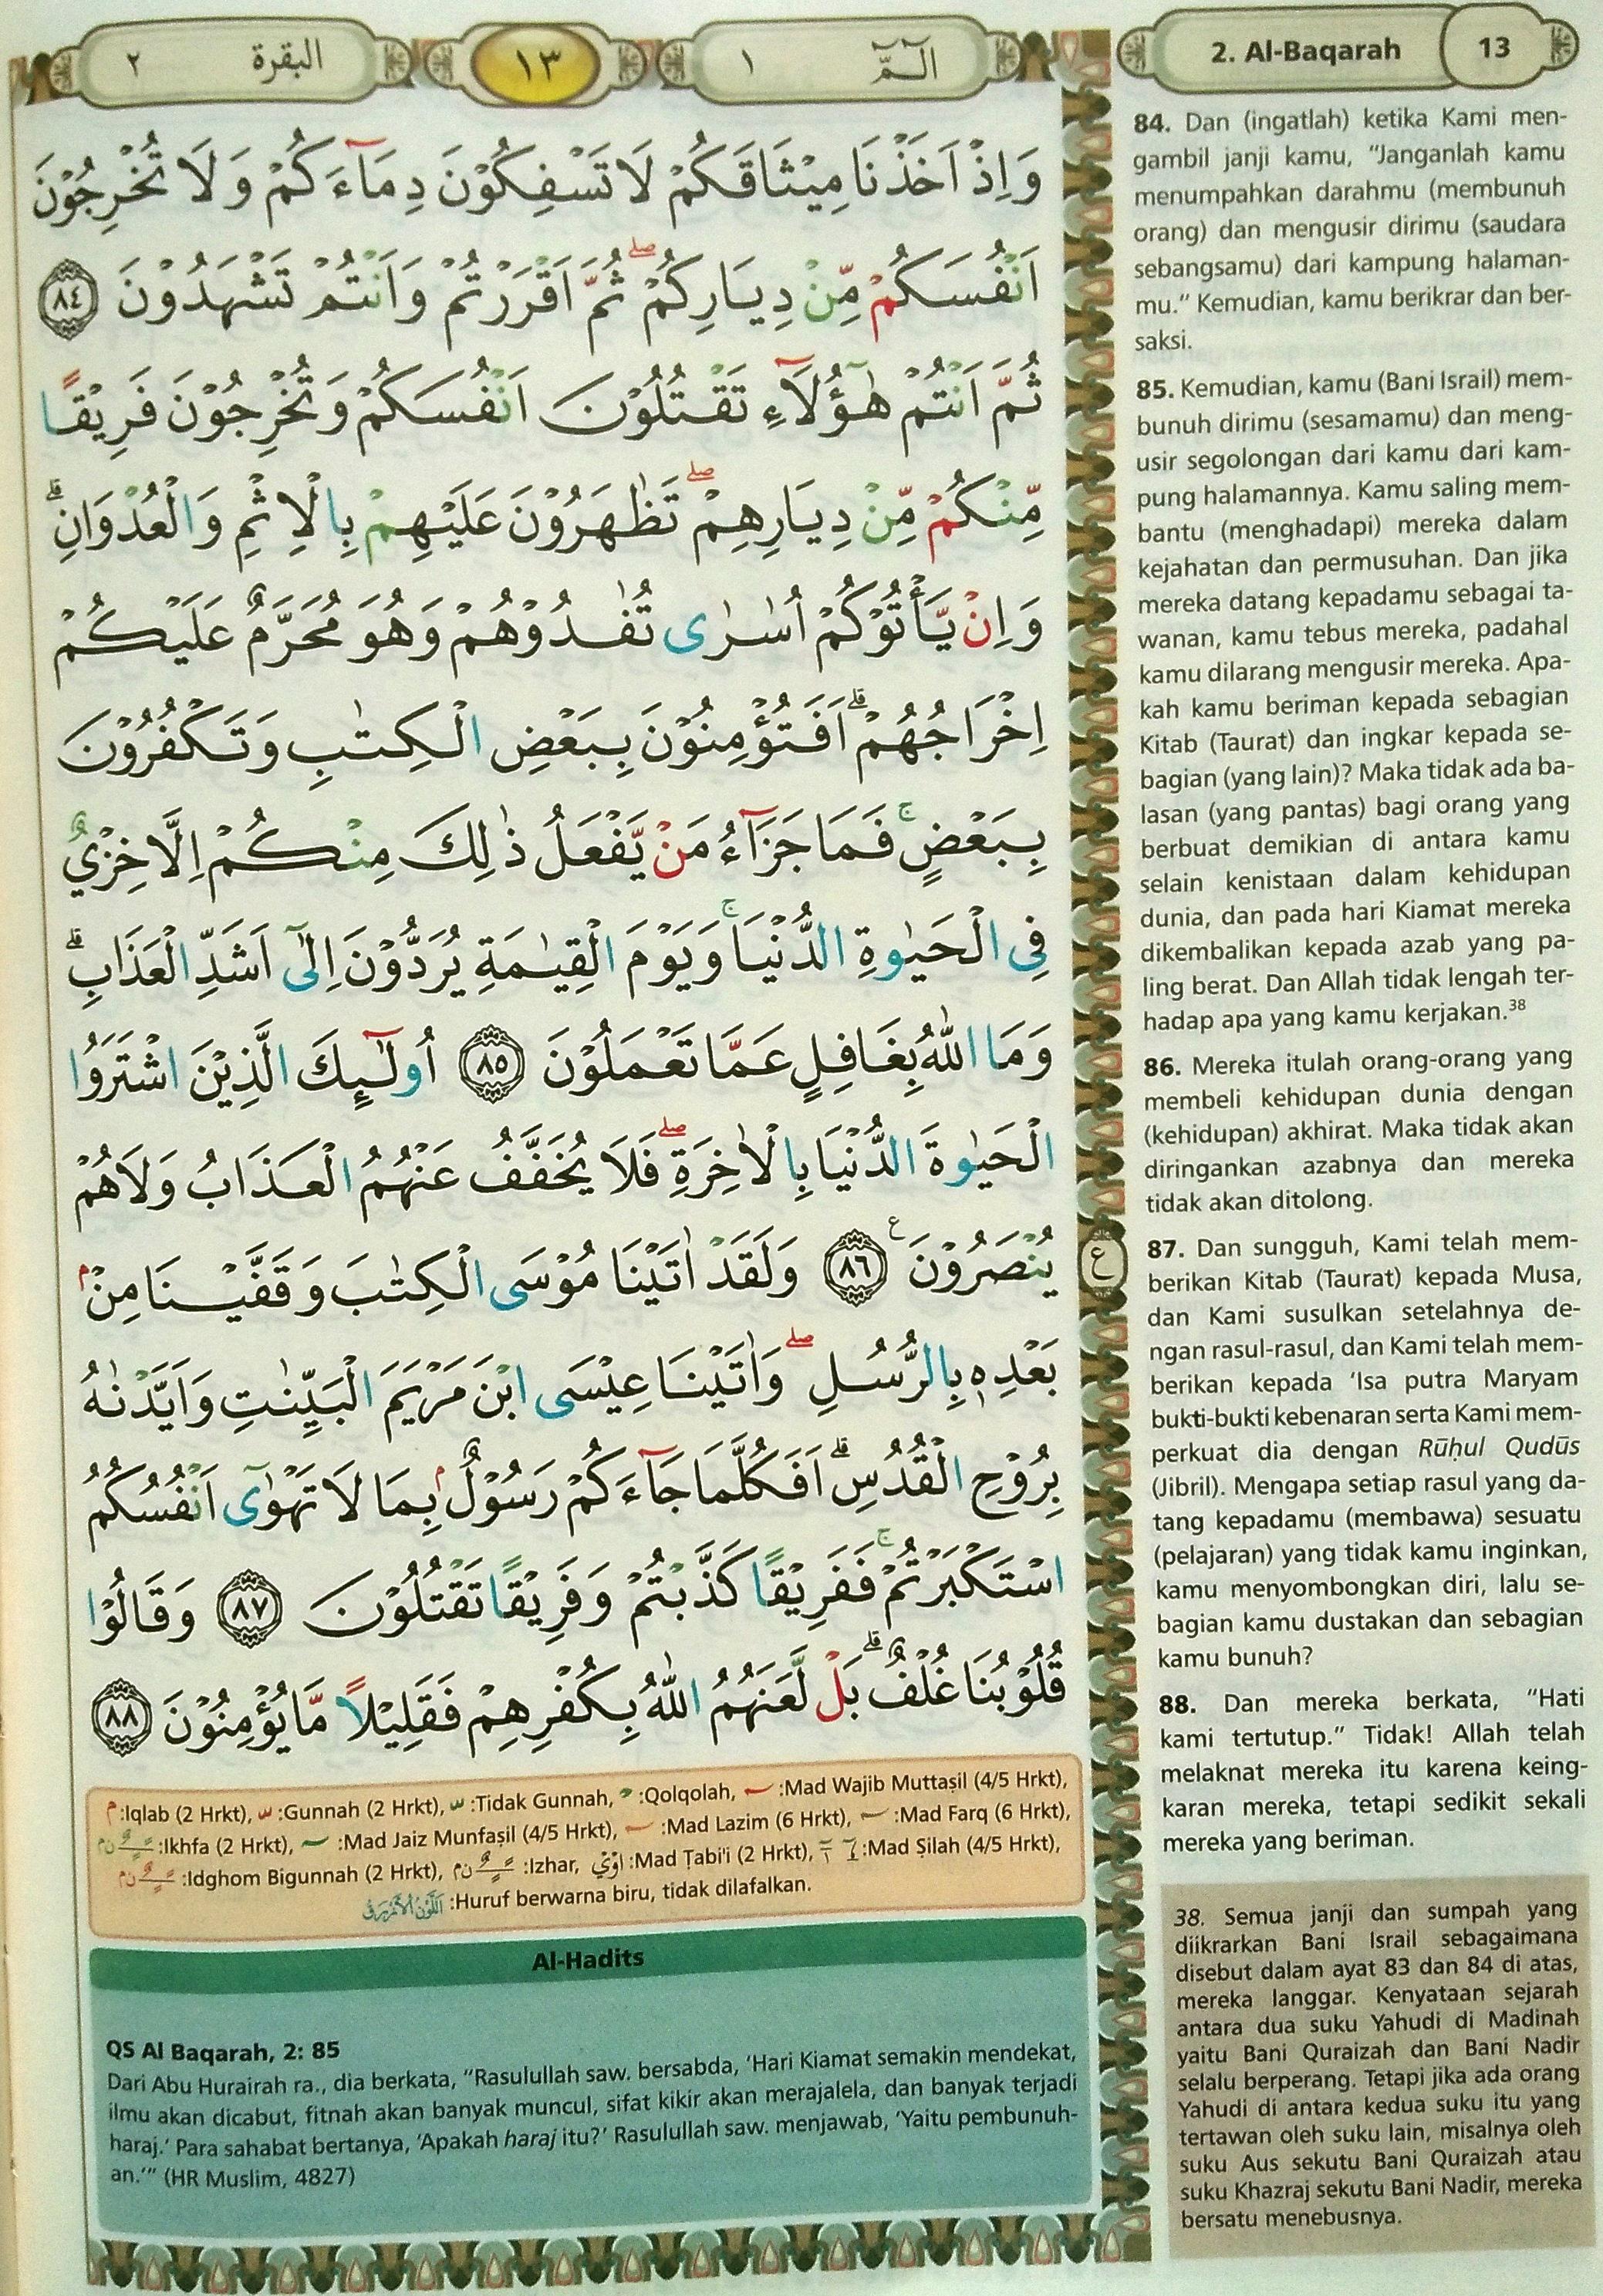 Al Baqarah 84-88